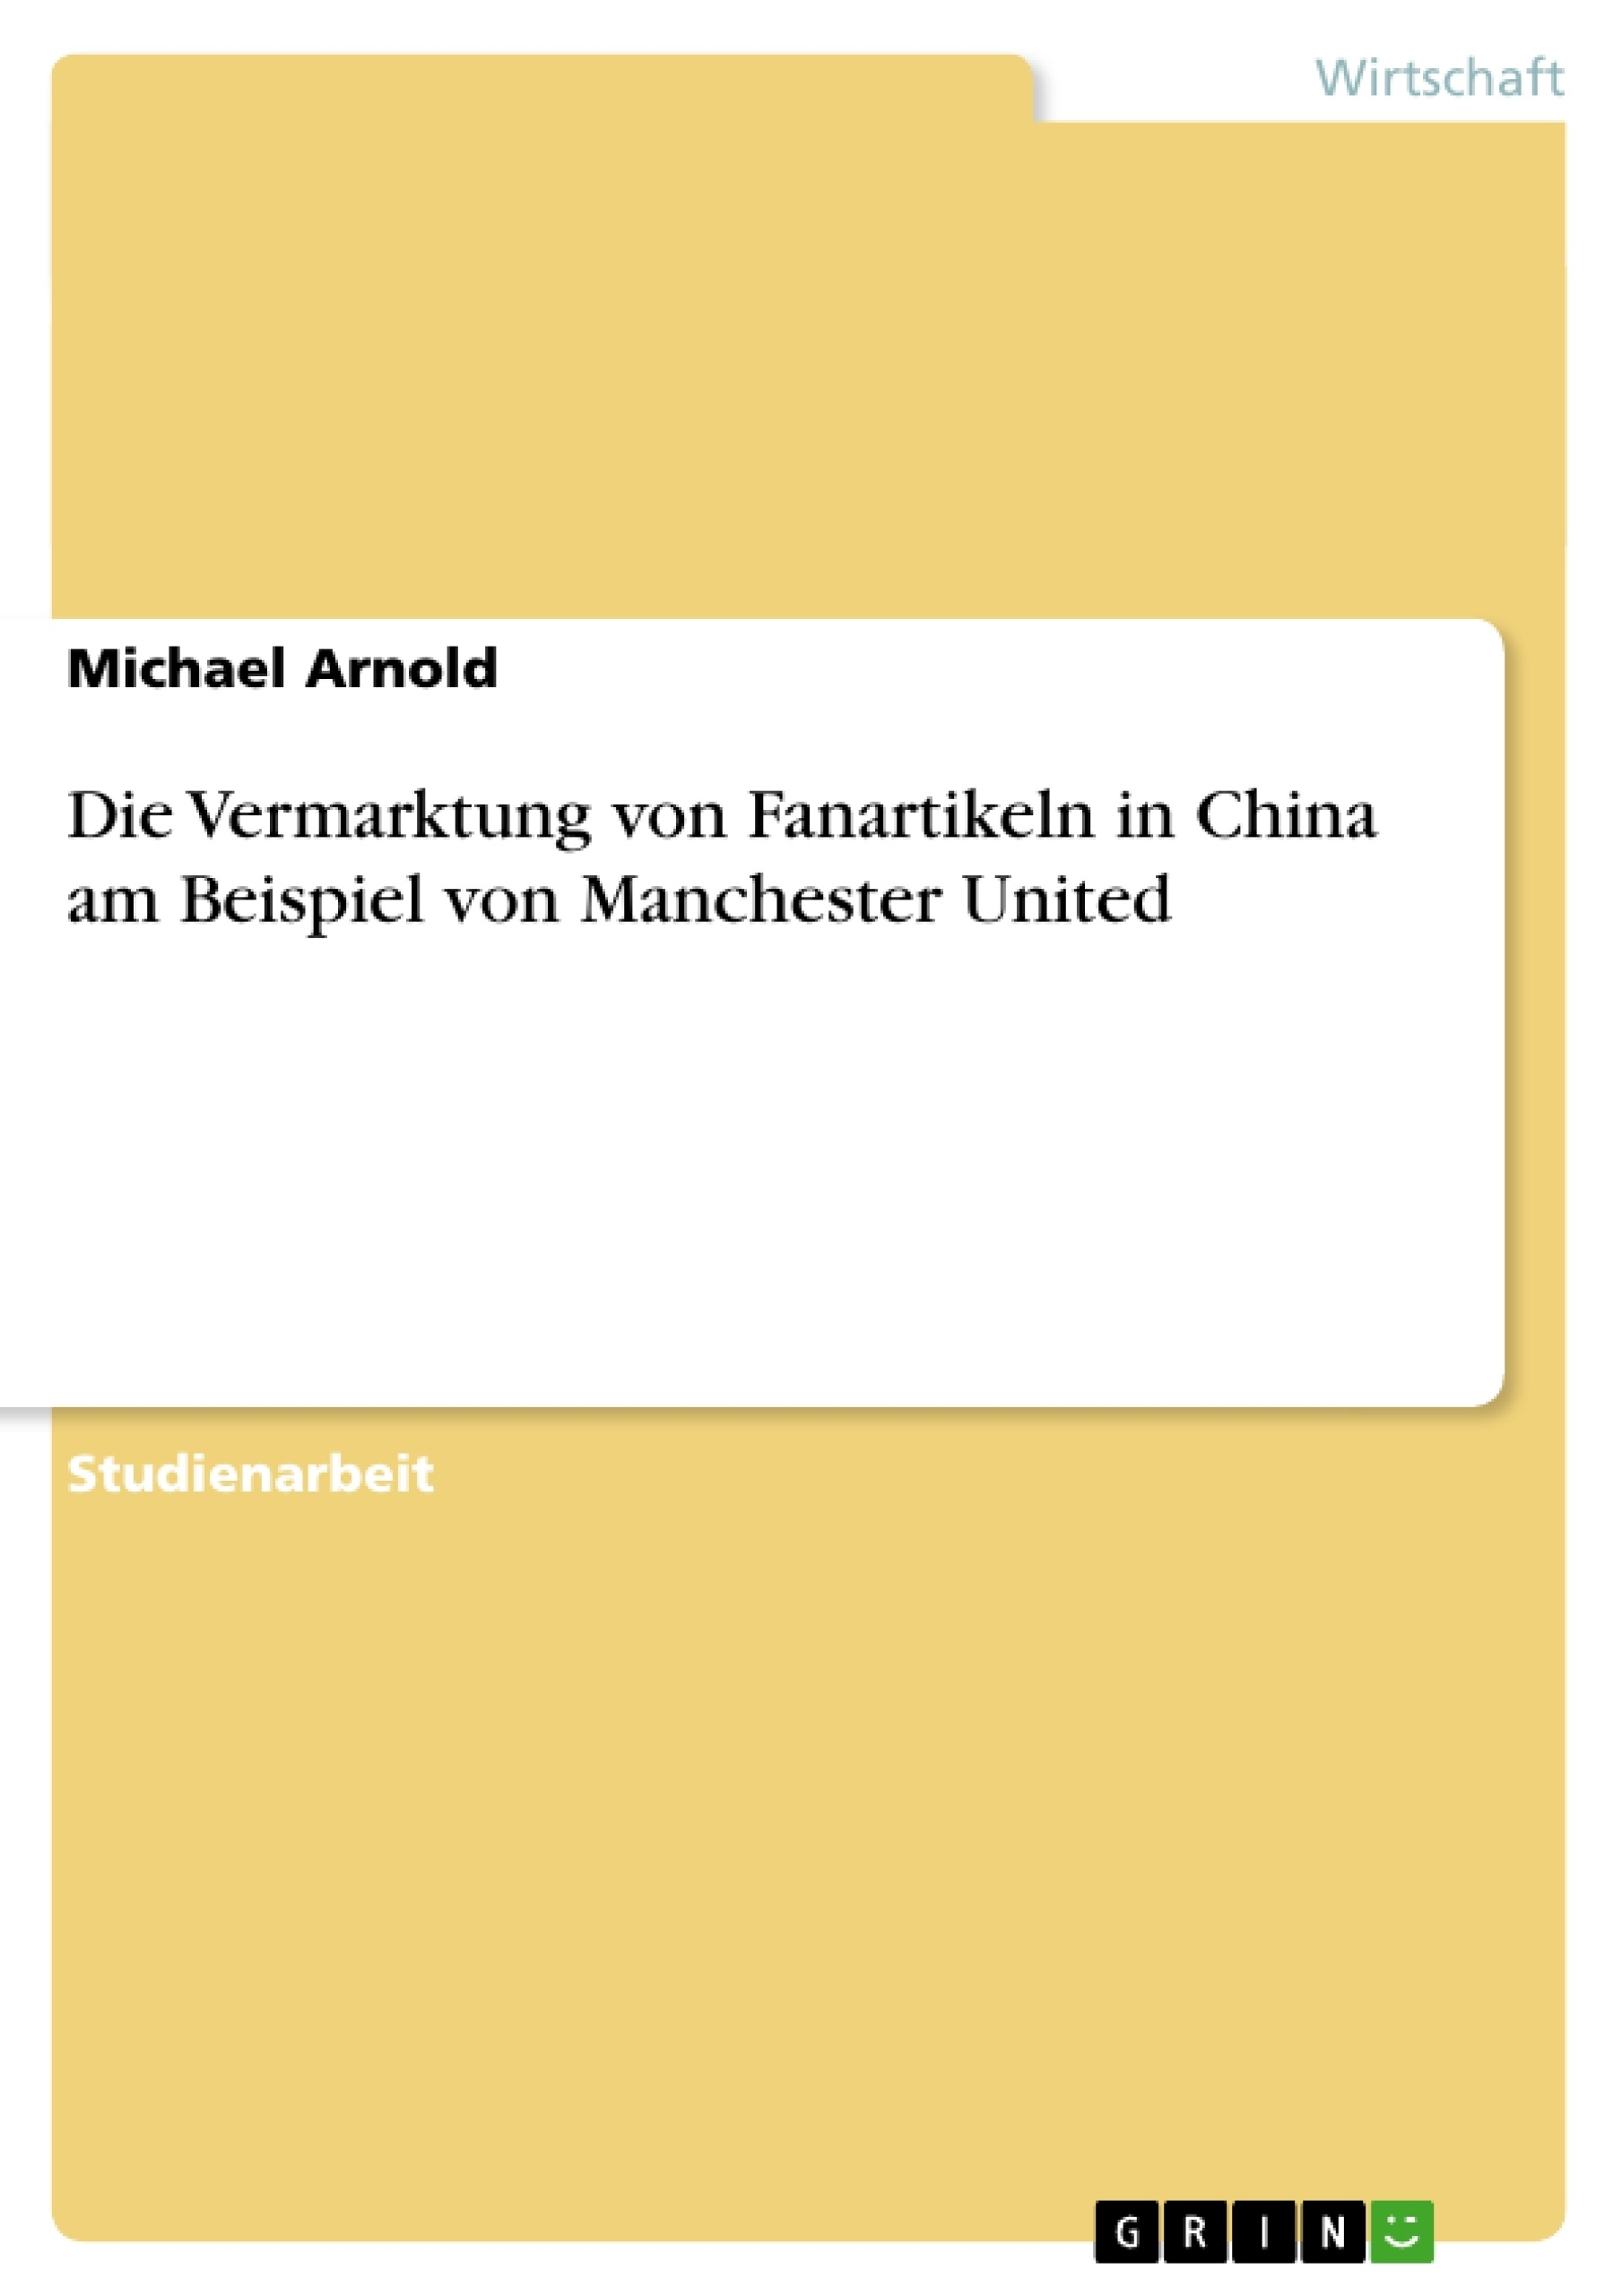 Titel: Die Vermarktung von Fanartikeln in China am Beispiel von Manchester United